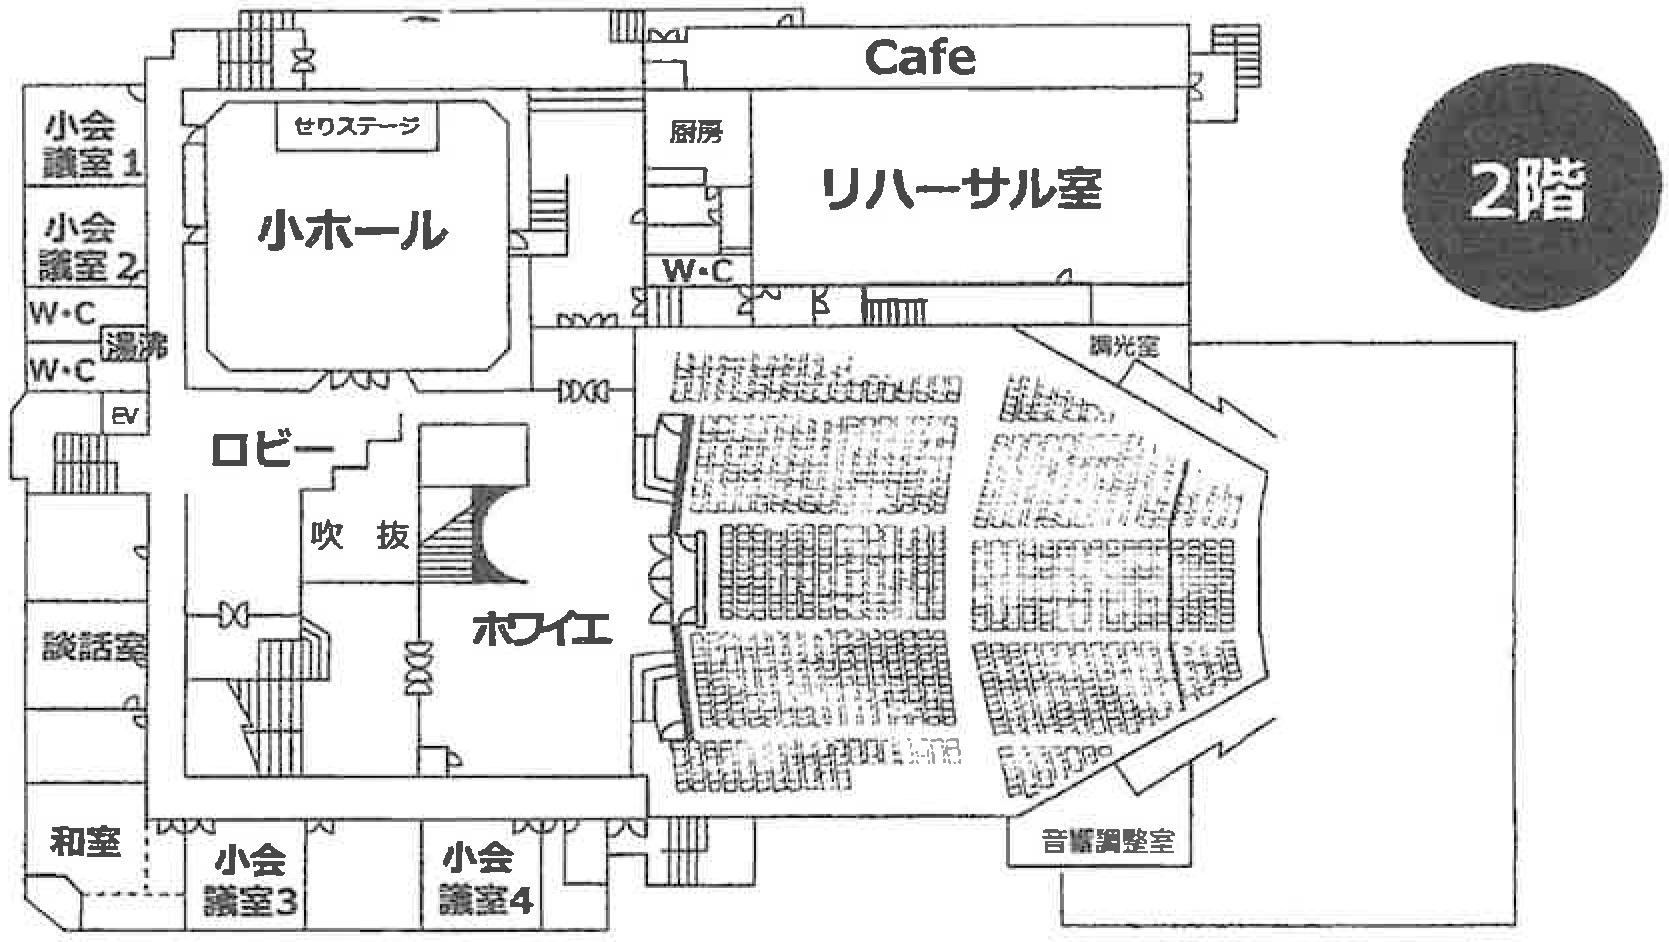 フロアマップ2階画像